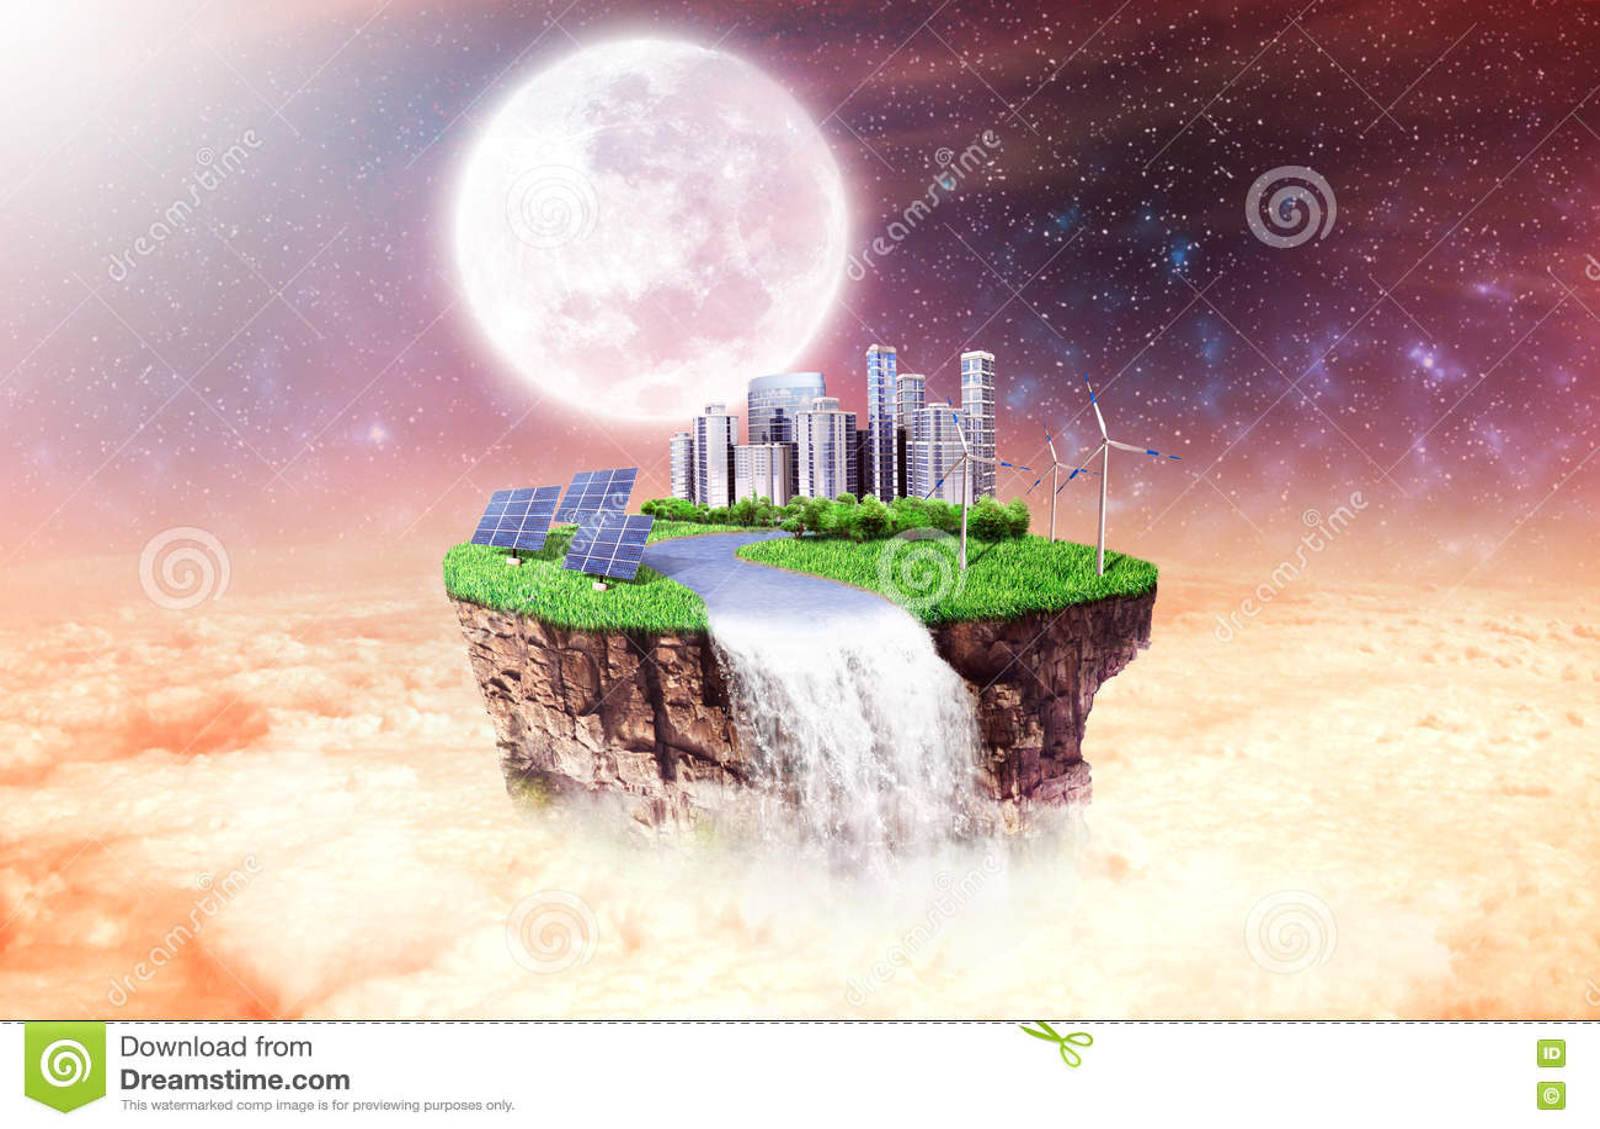 Concetto Di Libertà Isola In Cielo Con La Città Futura